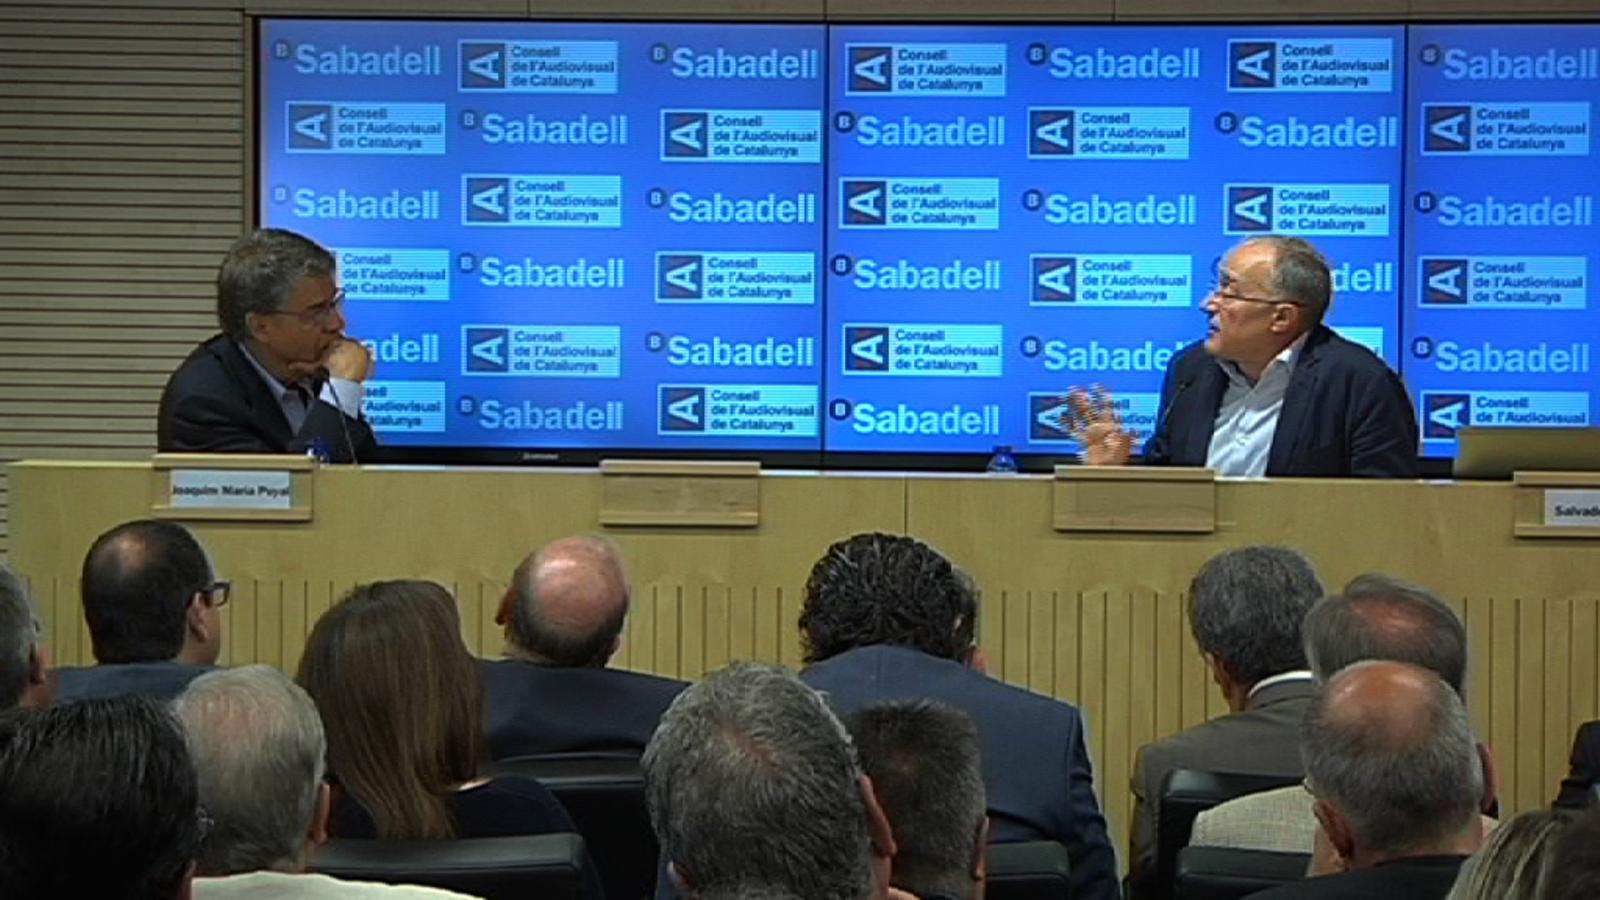 Salvador Cardús: El lector ara té una gran capacitat d'elecció, i el mitjà s'ha de guanyar la seva confiança